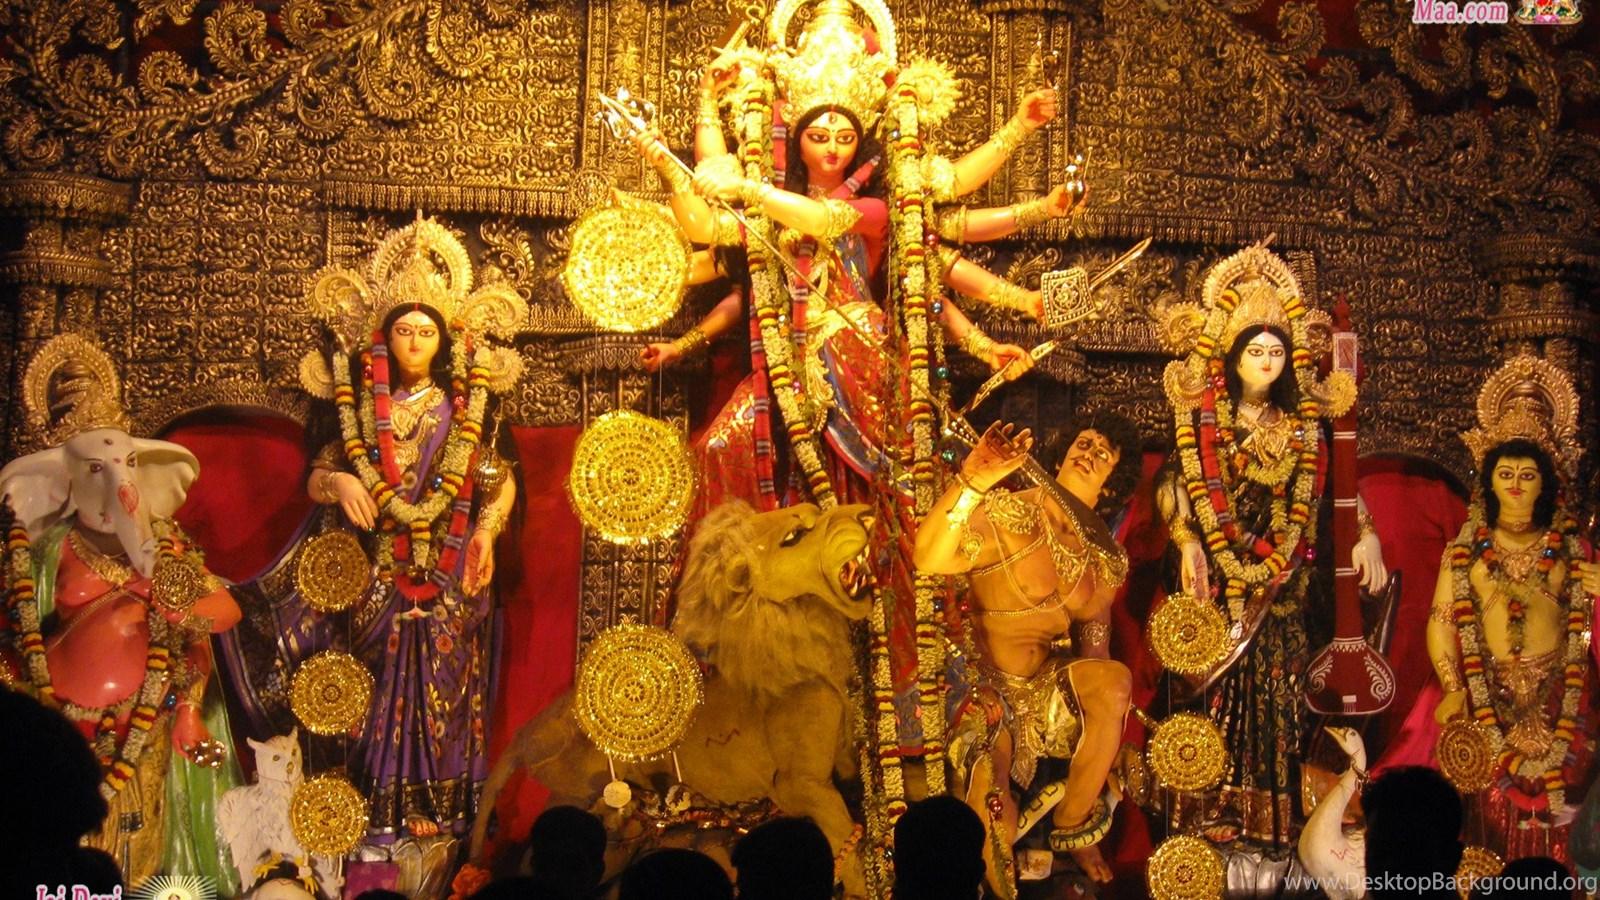 Download Maa Durga Hd Best Walllpapers Desktop Background